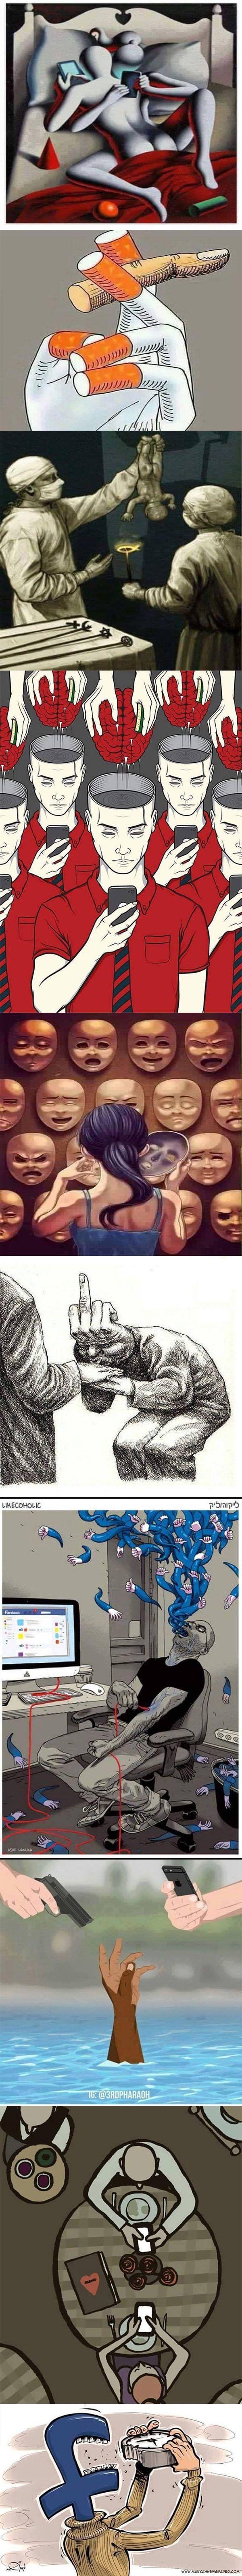 Some modern day society 'sins'